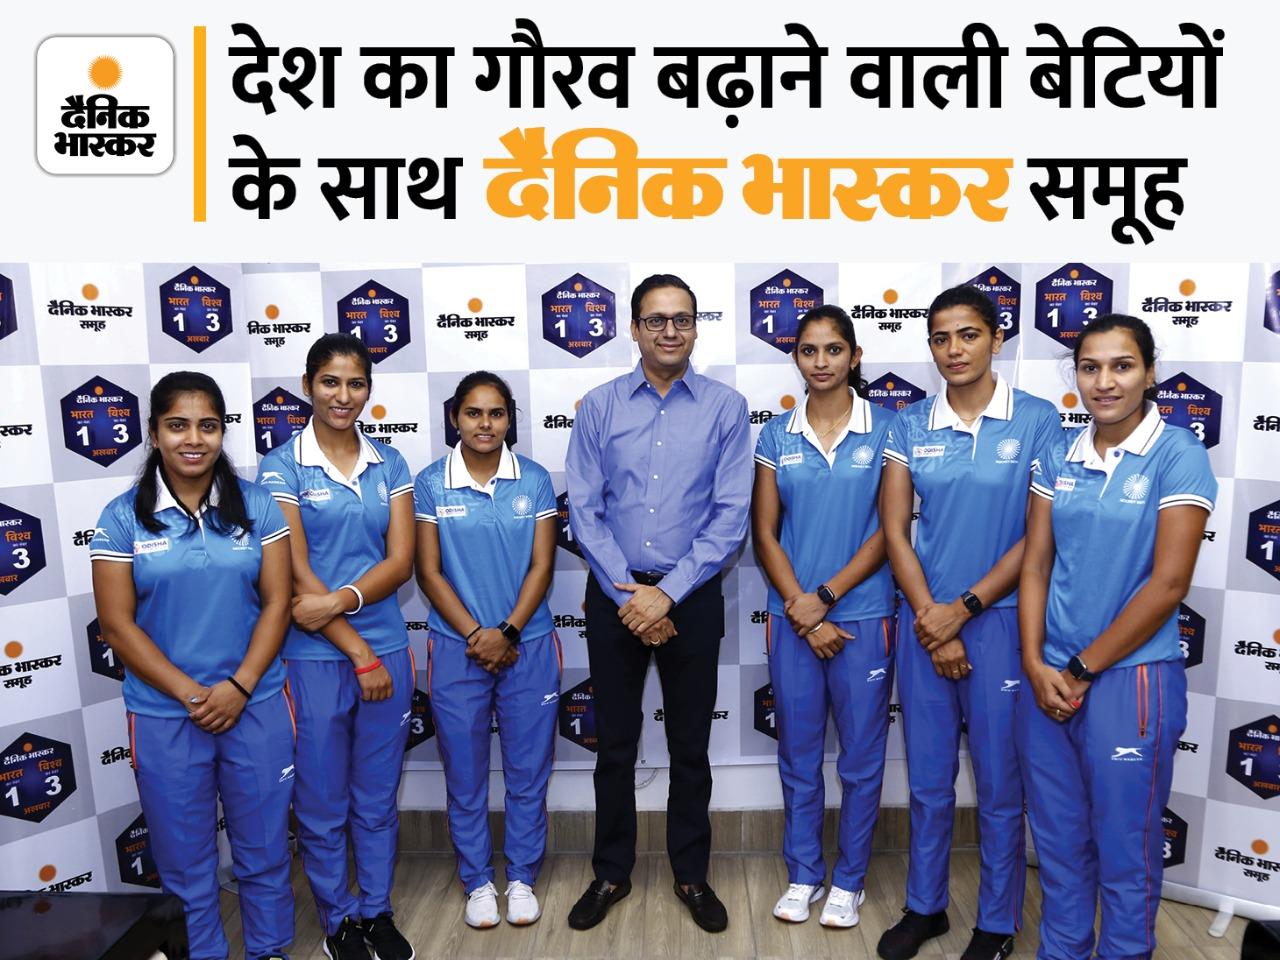 दैनिक भास्कर समूह ने महिला हॉकी टीम को सम्मानित किया, 26 लाख रुपए की प्रोत्साहन राशि से नवाजा|स्पोर्ट्स,Sports - Dainik Bhaskar